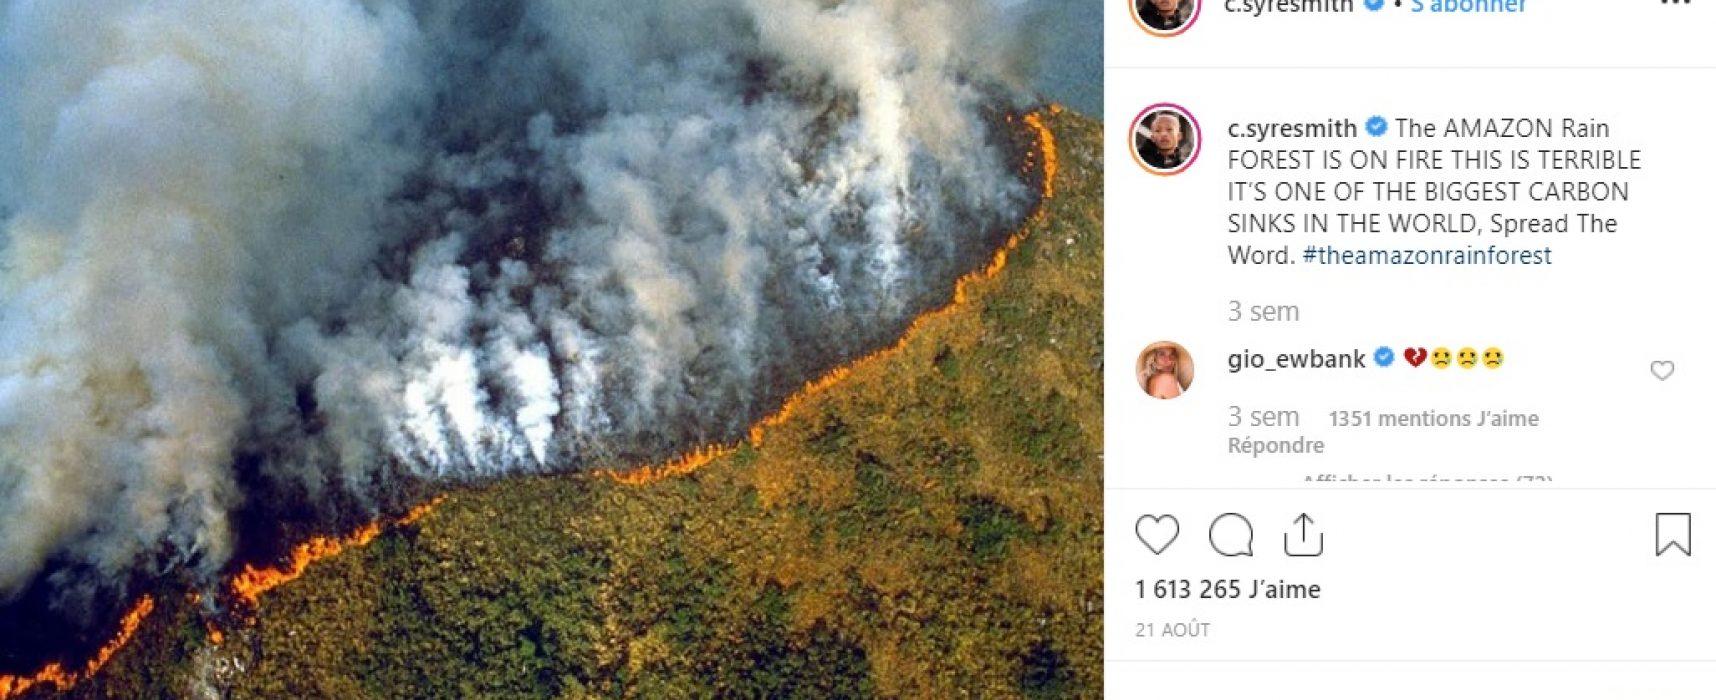 Las noticias falsas en torno a los incendios en la Amazonía